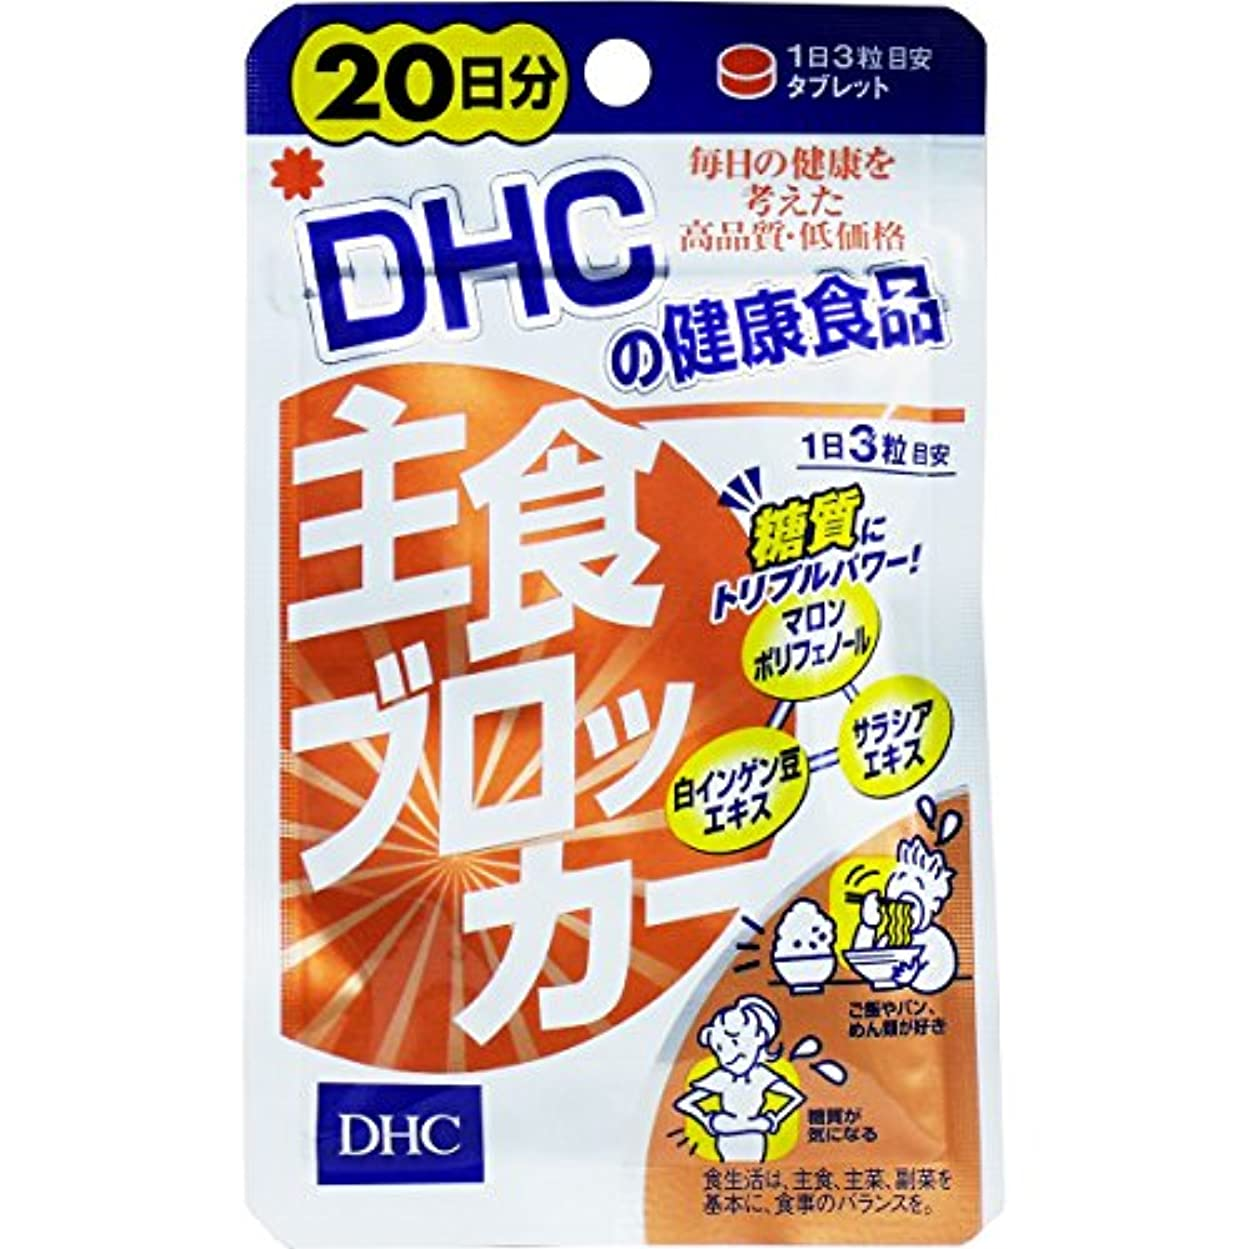 サスティーンクールプロフィールダイエット トリプルパワーでため込み対策 栄養機能食品 DHC 主食ブロッカー 20日分 60粒入【5個セット】